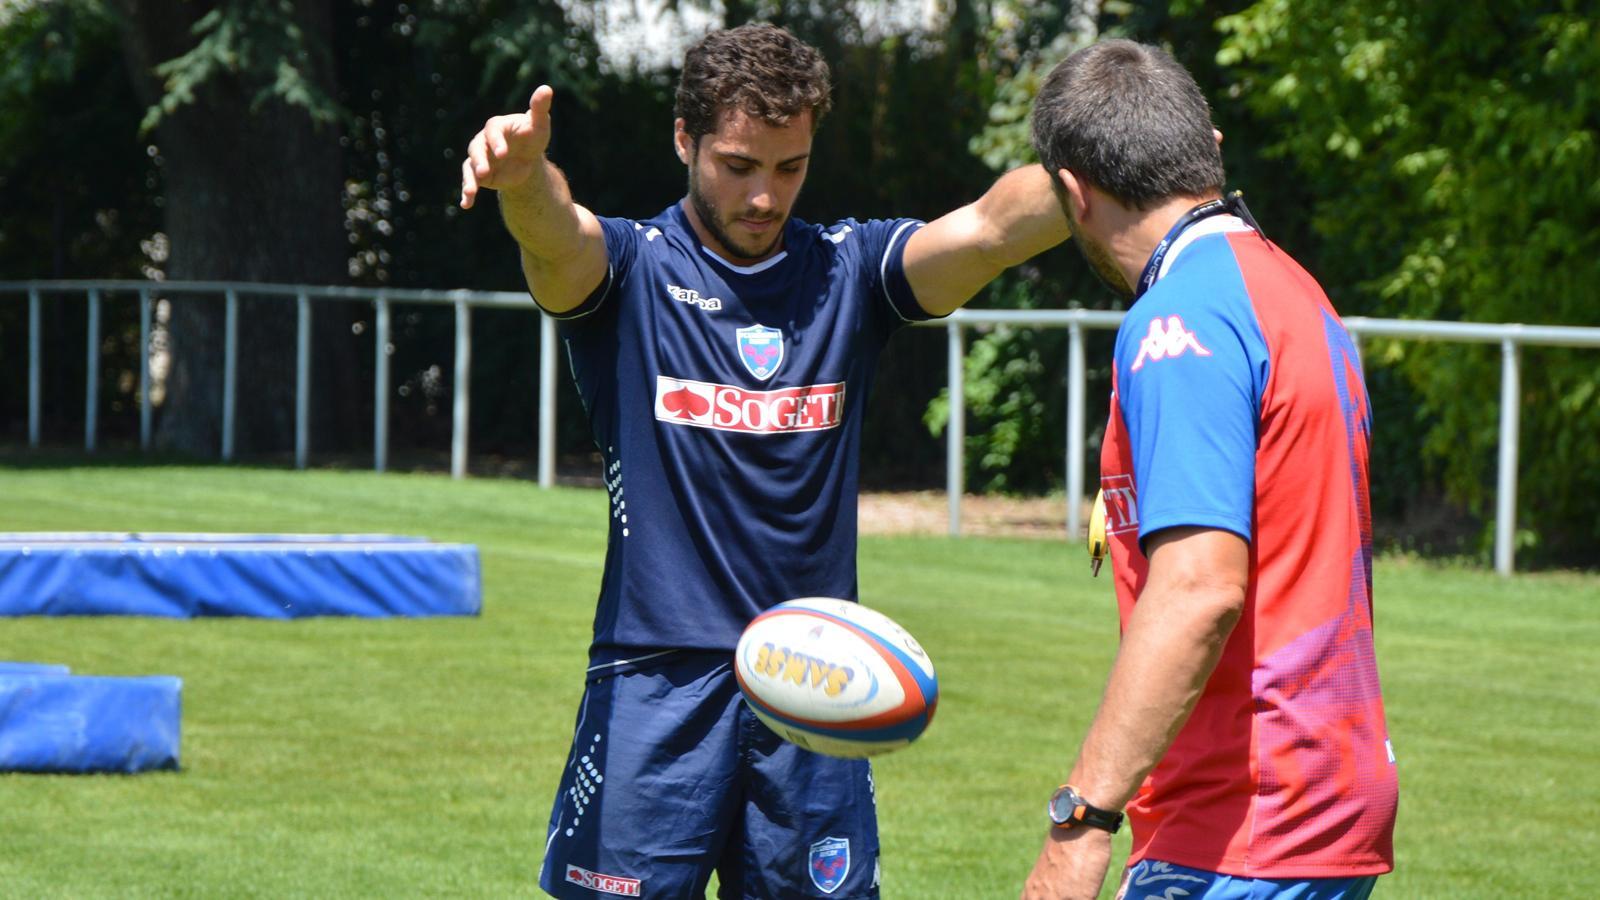 Dupont met en pratique un exercice préparé par Philippe Doussy (de dos), chargé de la technique individuelle au FCG. Photo Laurent Genin Rugbyrama 29 juin 2015